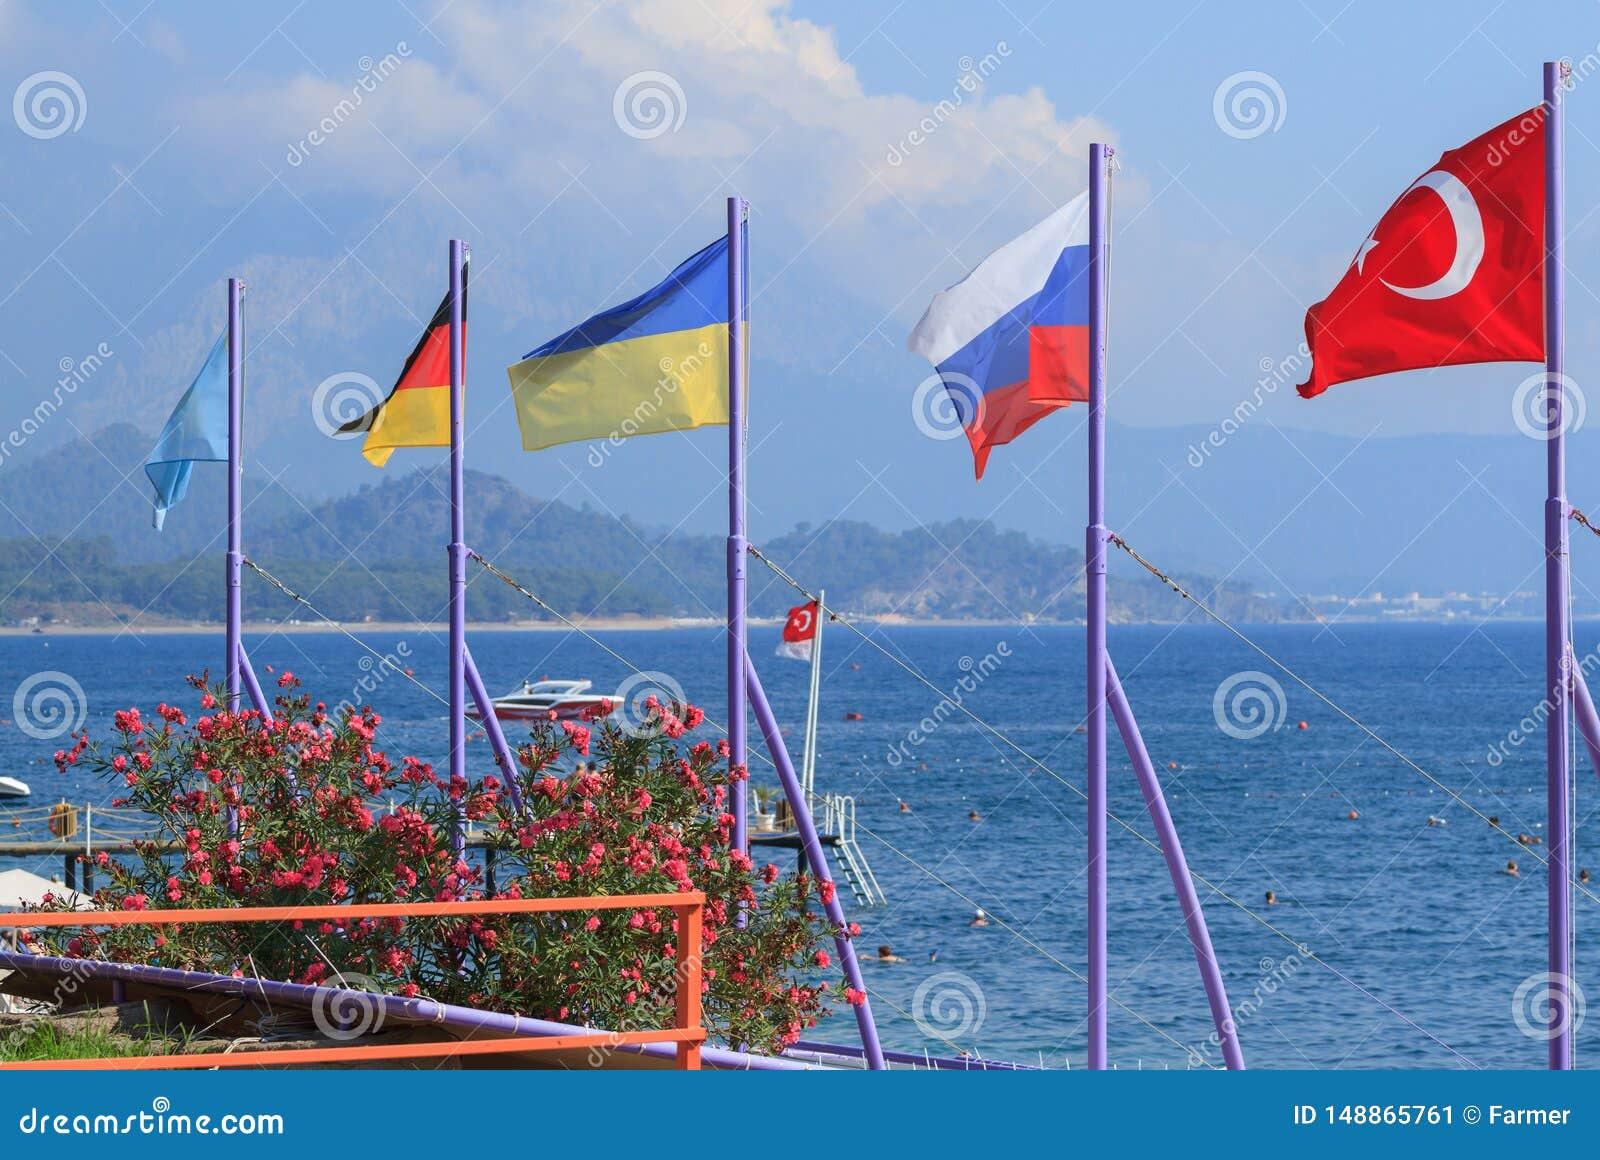 Flaggor av Turkiet, Ryssland, Ukraina, Tyskland och Kasakhstan p? stranden i Kemer